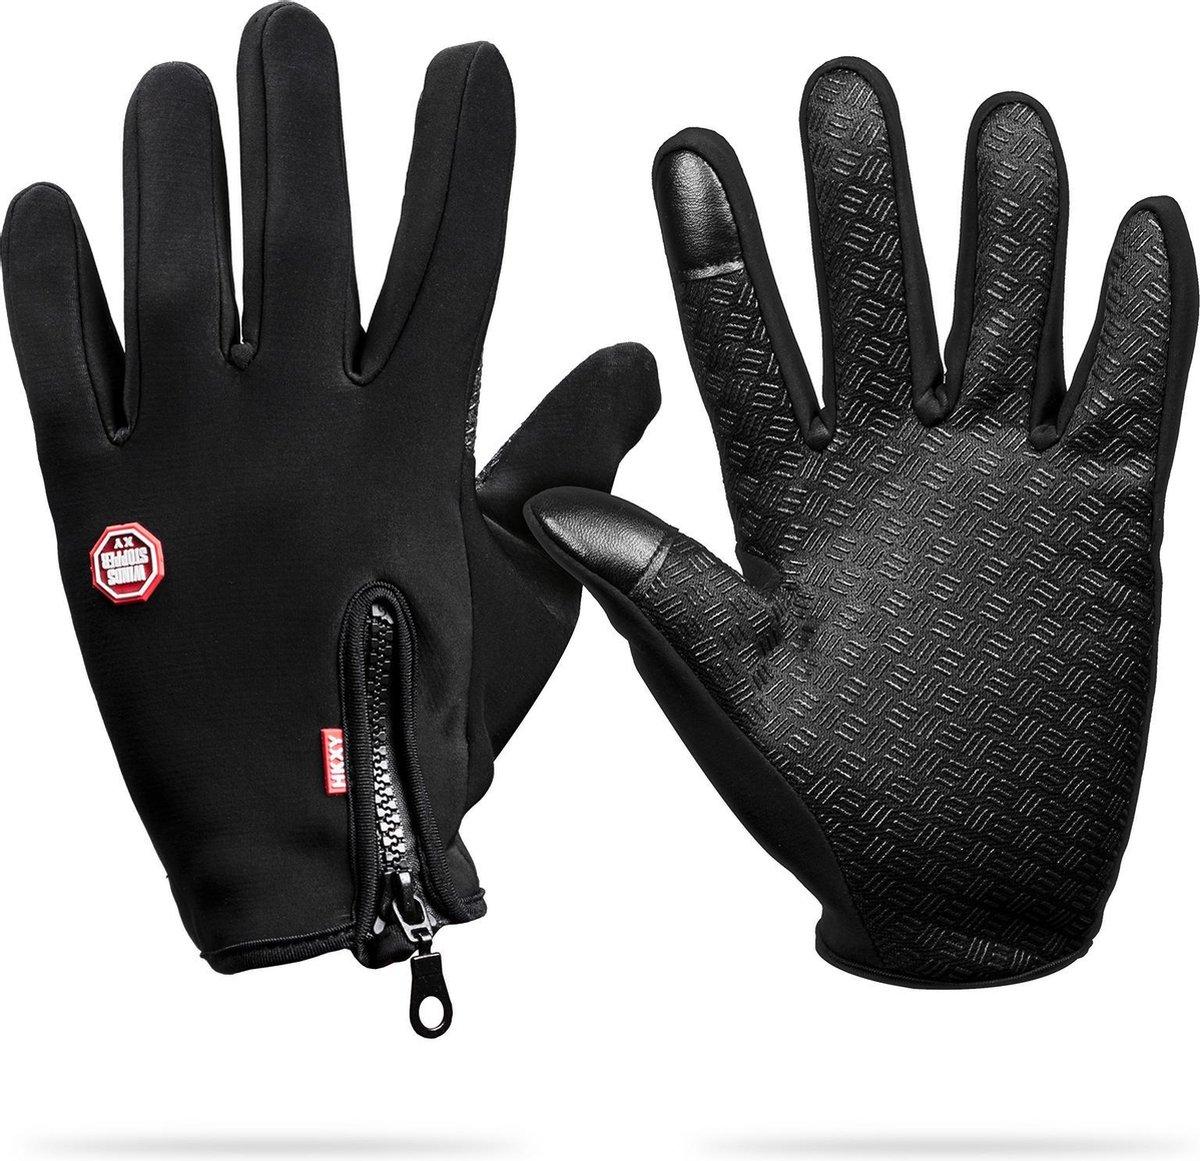 Waterafstotend & Windproof Thermische Touchscreen Handschoenen I Zwart I MEDIUM